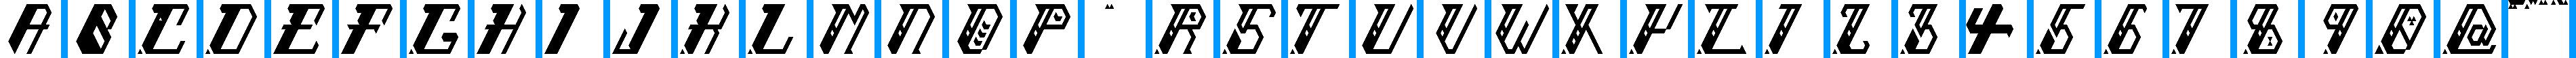 Particip-a-type v.292